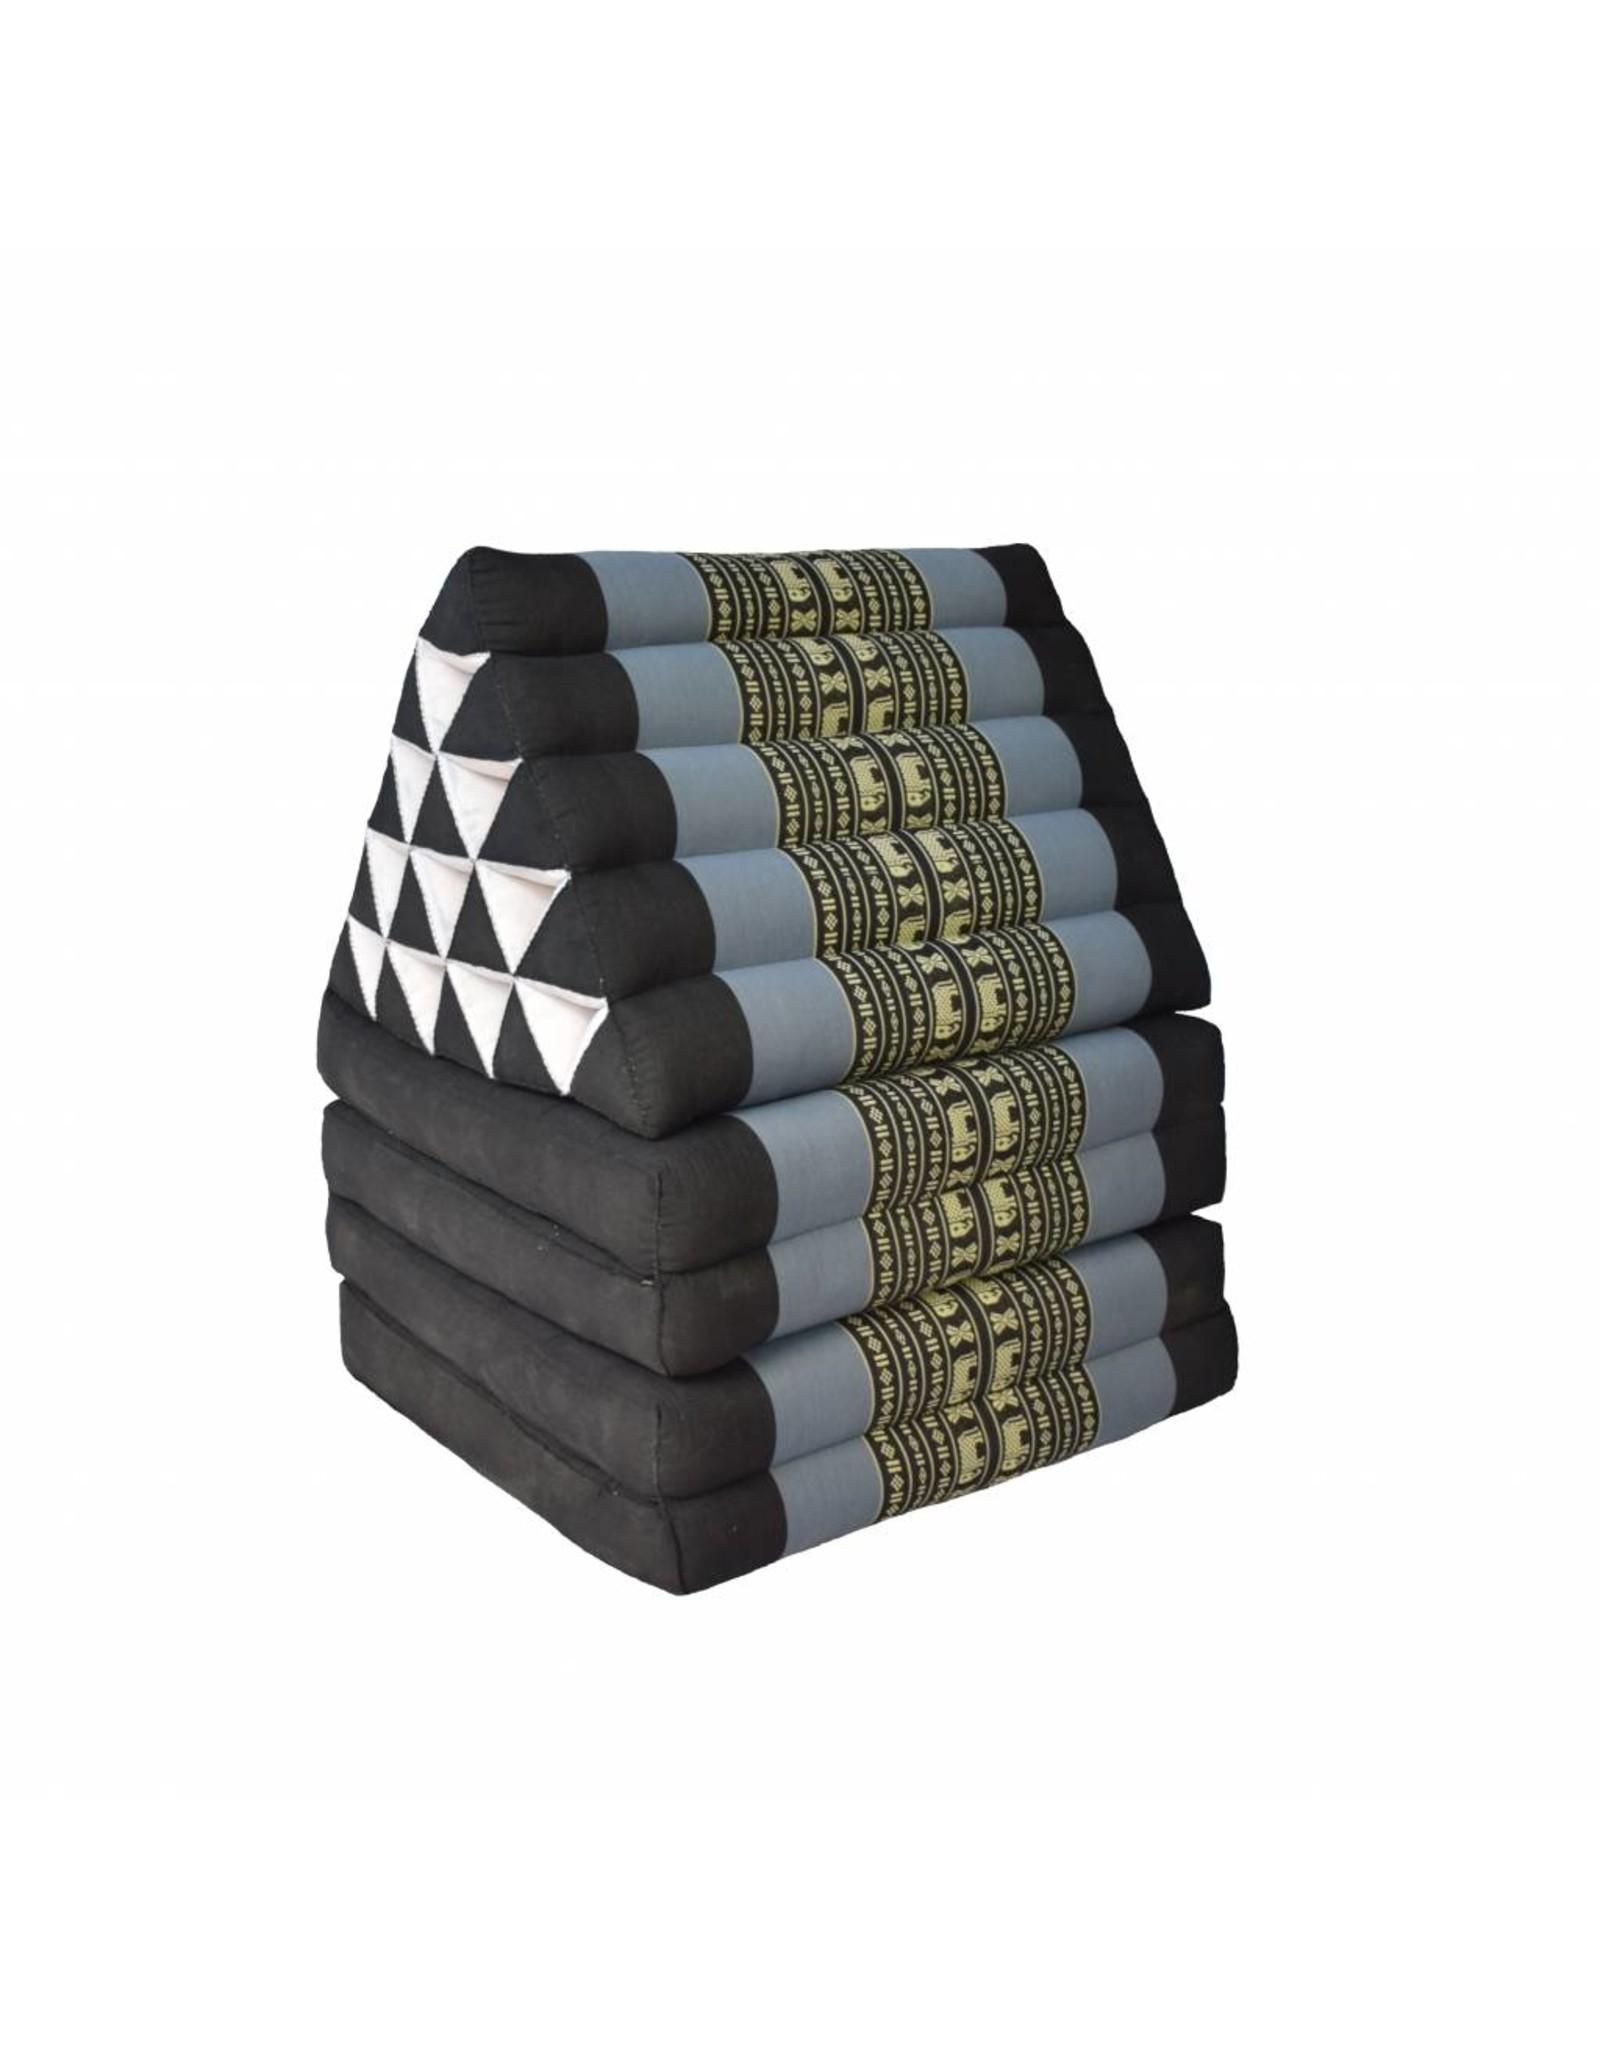 Thai Moonz Thai Floor Cushion Triangle Pillow XL 4 Mat Black/Grey